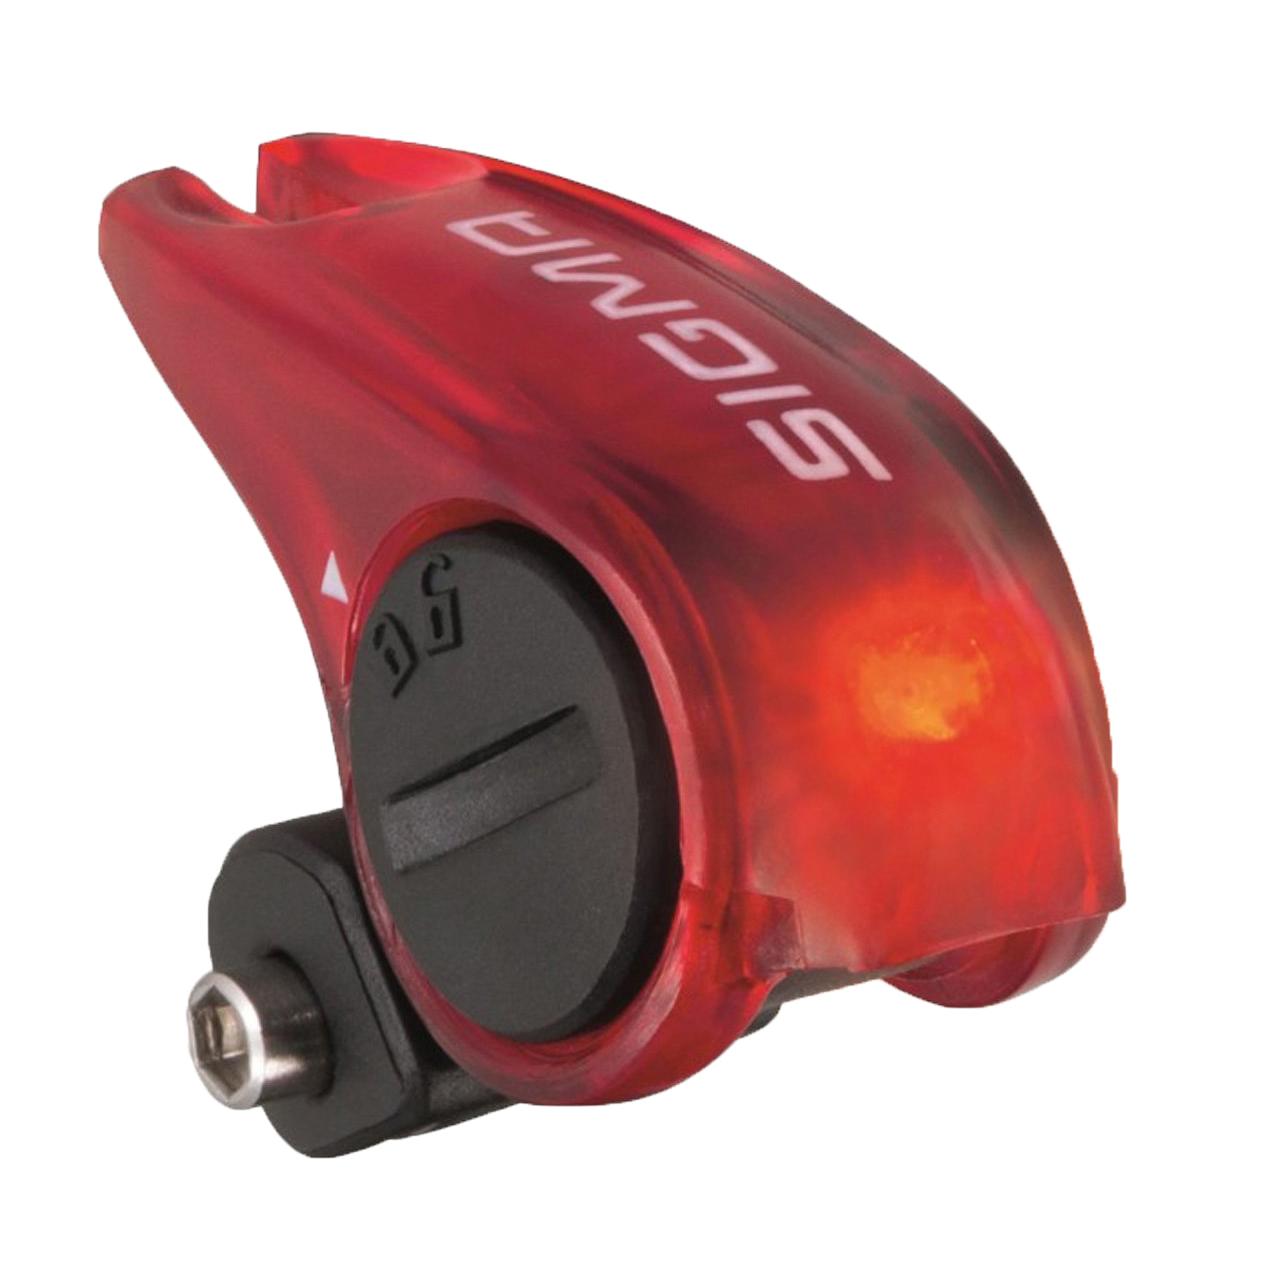 چراغ ترمز دوچرخه سیگما مدل Ultra-Bright